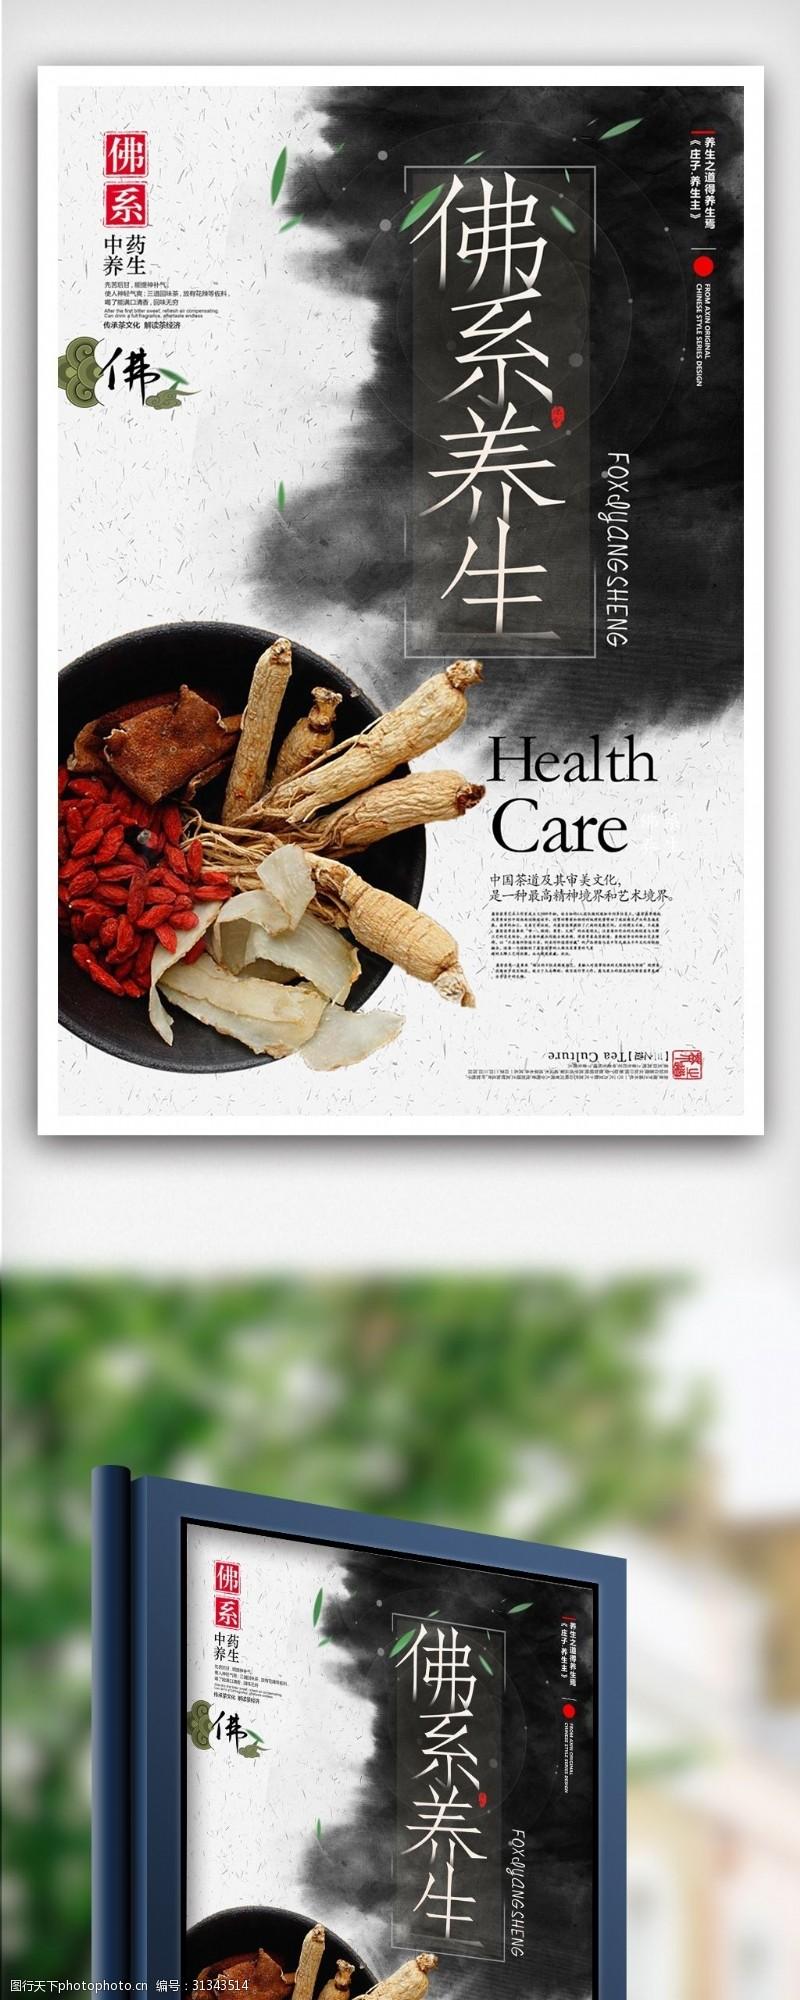 蓝色蔬菜中国风墨迹佛系饮食宣传海报设计